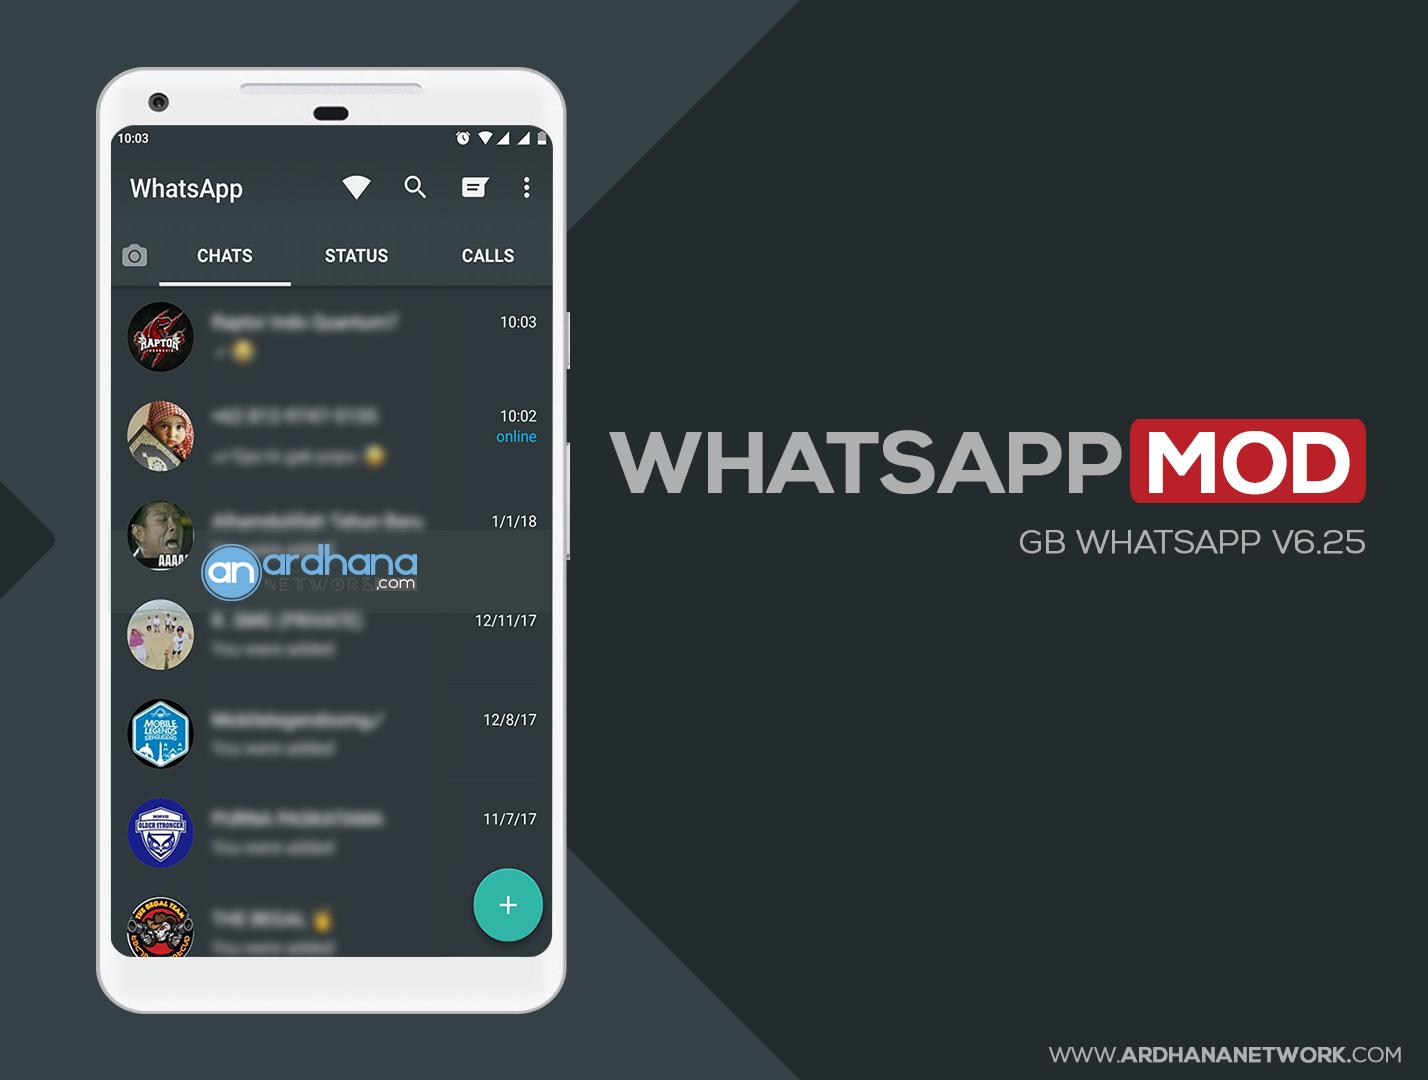 GB Whatsapp V6.25 - Whatsapp MOD